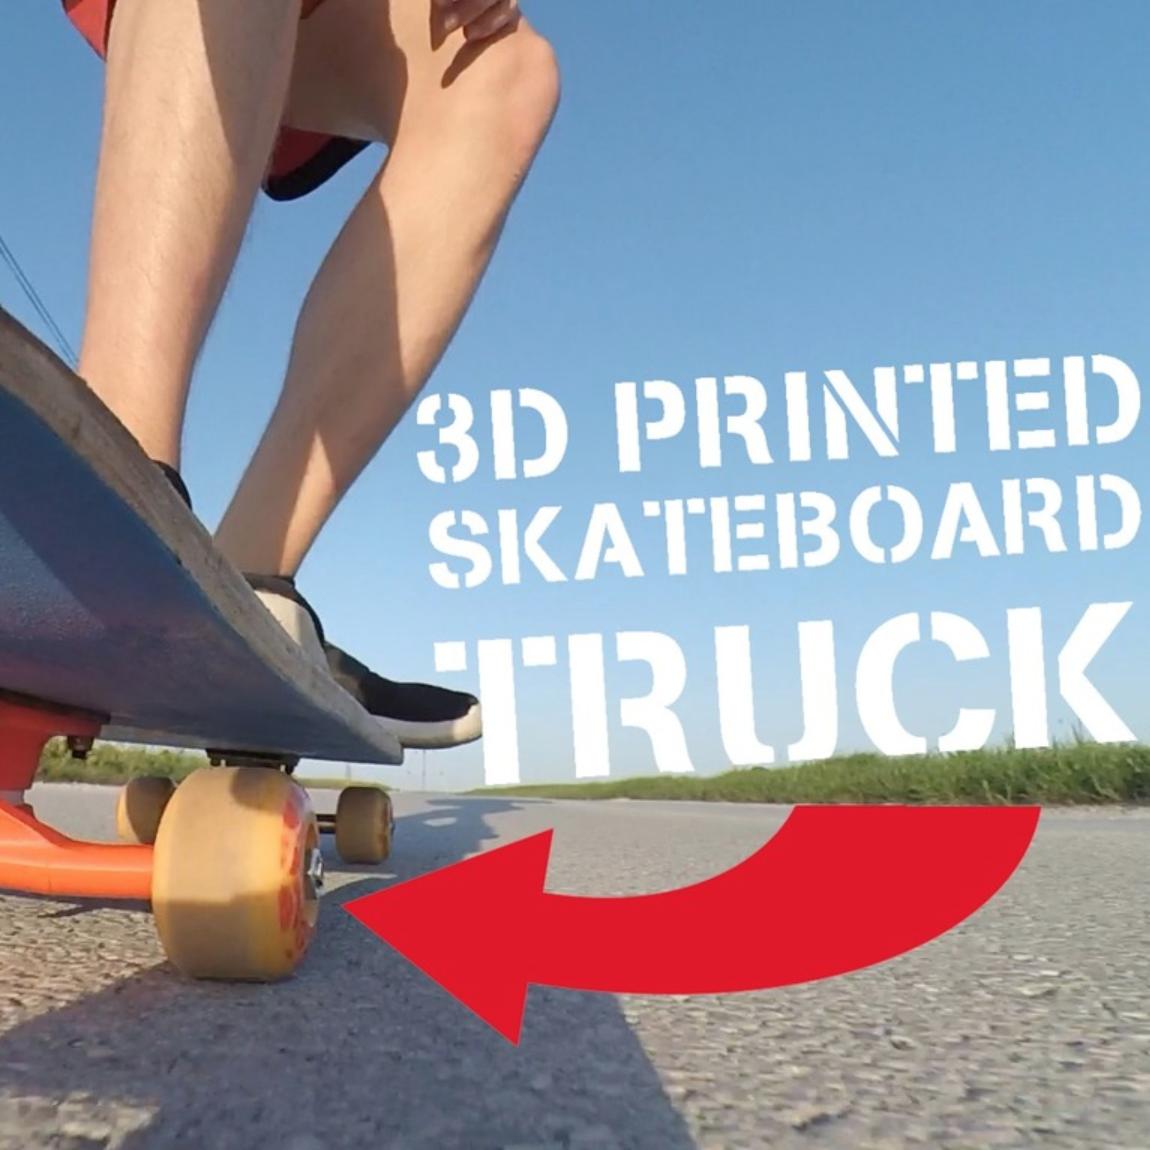 Capture d'écran 2018-05-14 à 11.27.01.png Download free STL file Skateboard truck • Design to 3D print, NikodemBartnik